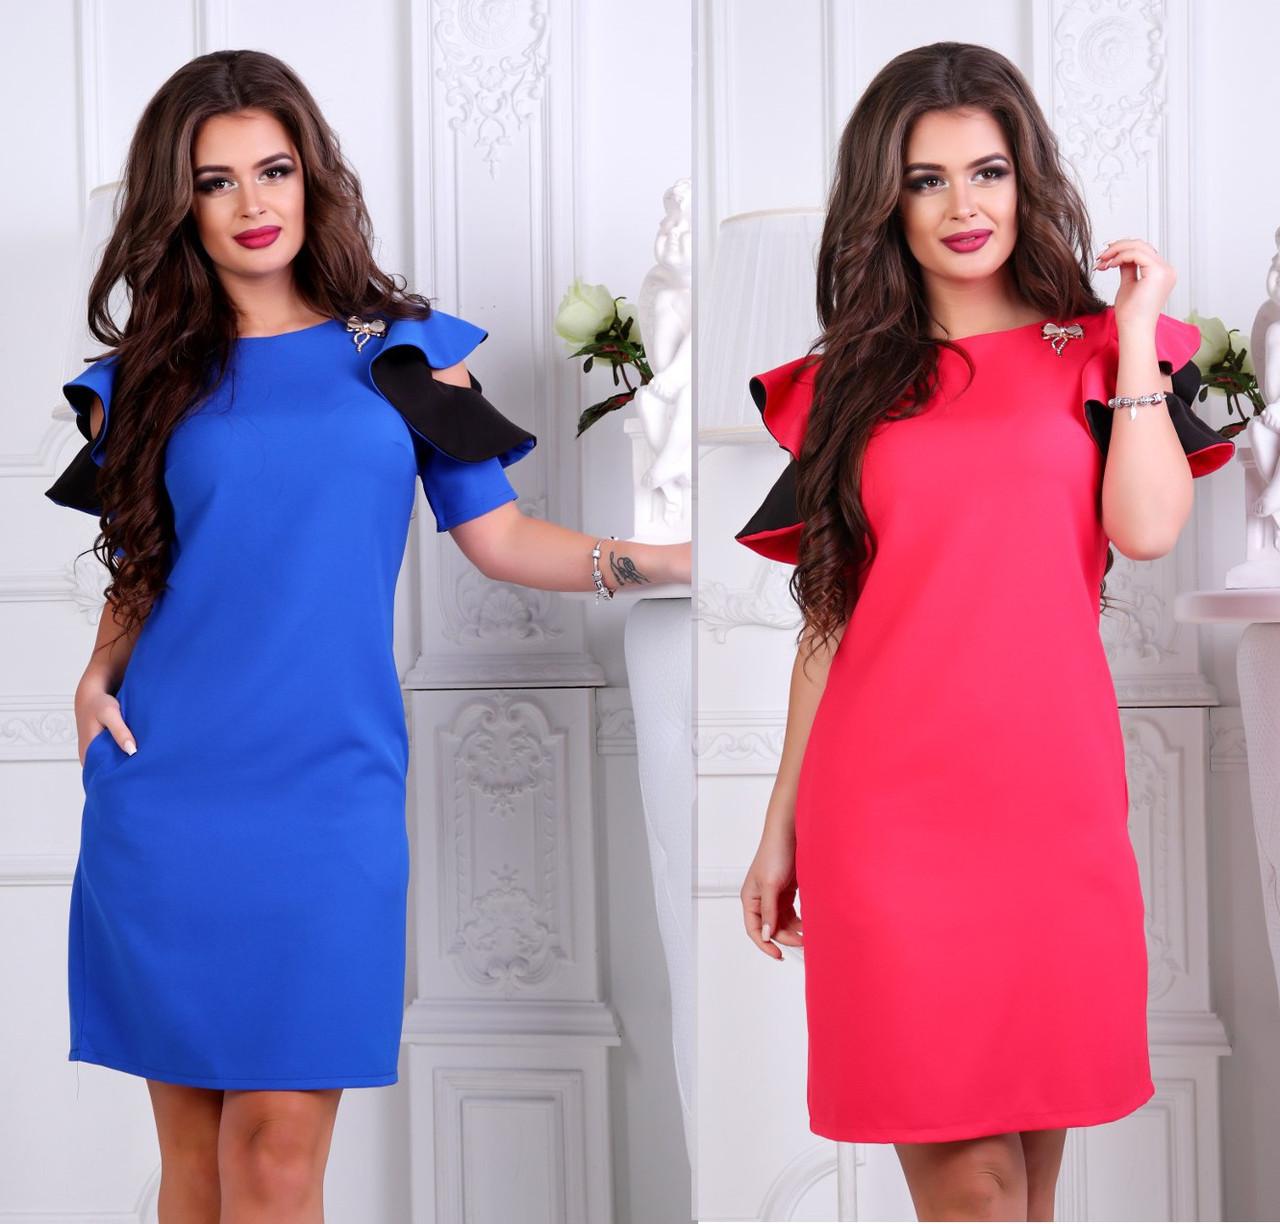 adeaa349f2a Женское короткое платье с рукавом-волан размеры S M L -